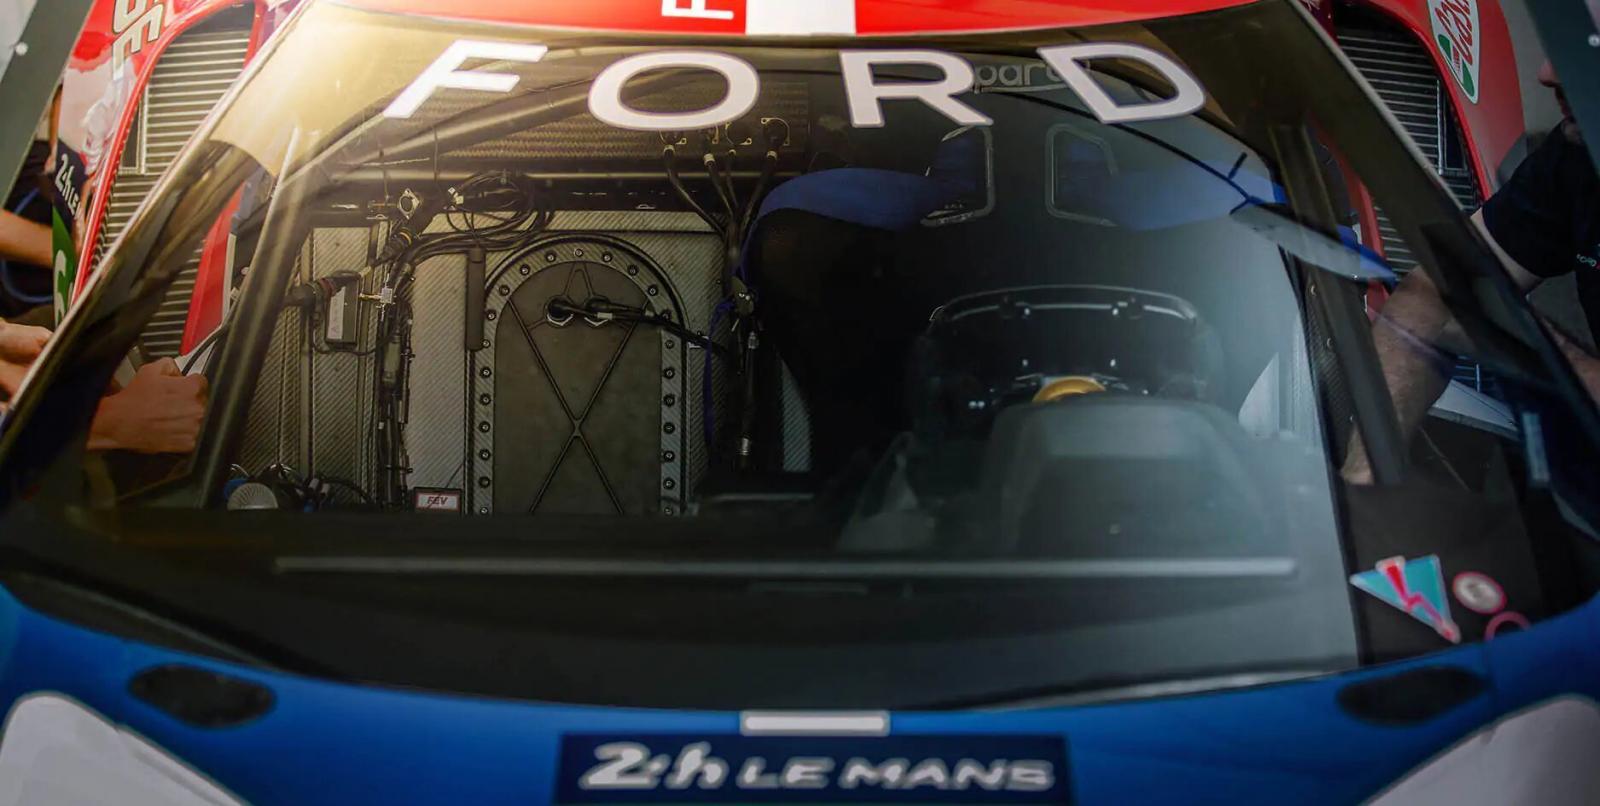 El interior Ford GT 2020 precio en México tiene un carácter minimalista y orientado a maximizar la experiencia deportiva